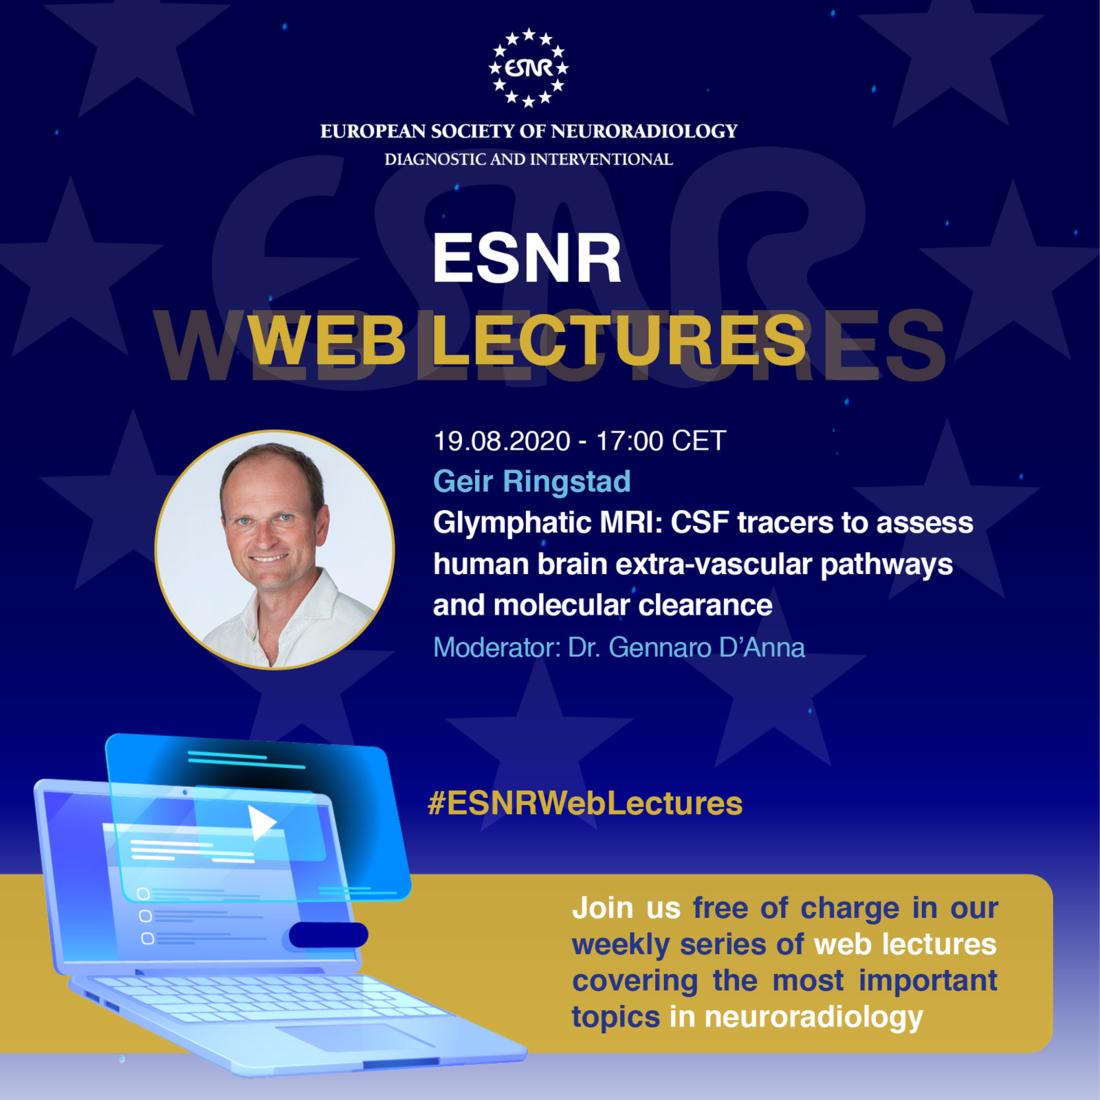 ESNR Web Lectures